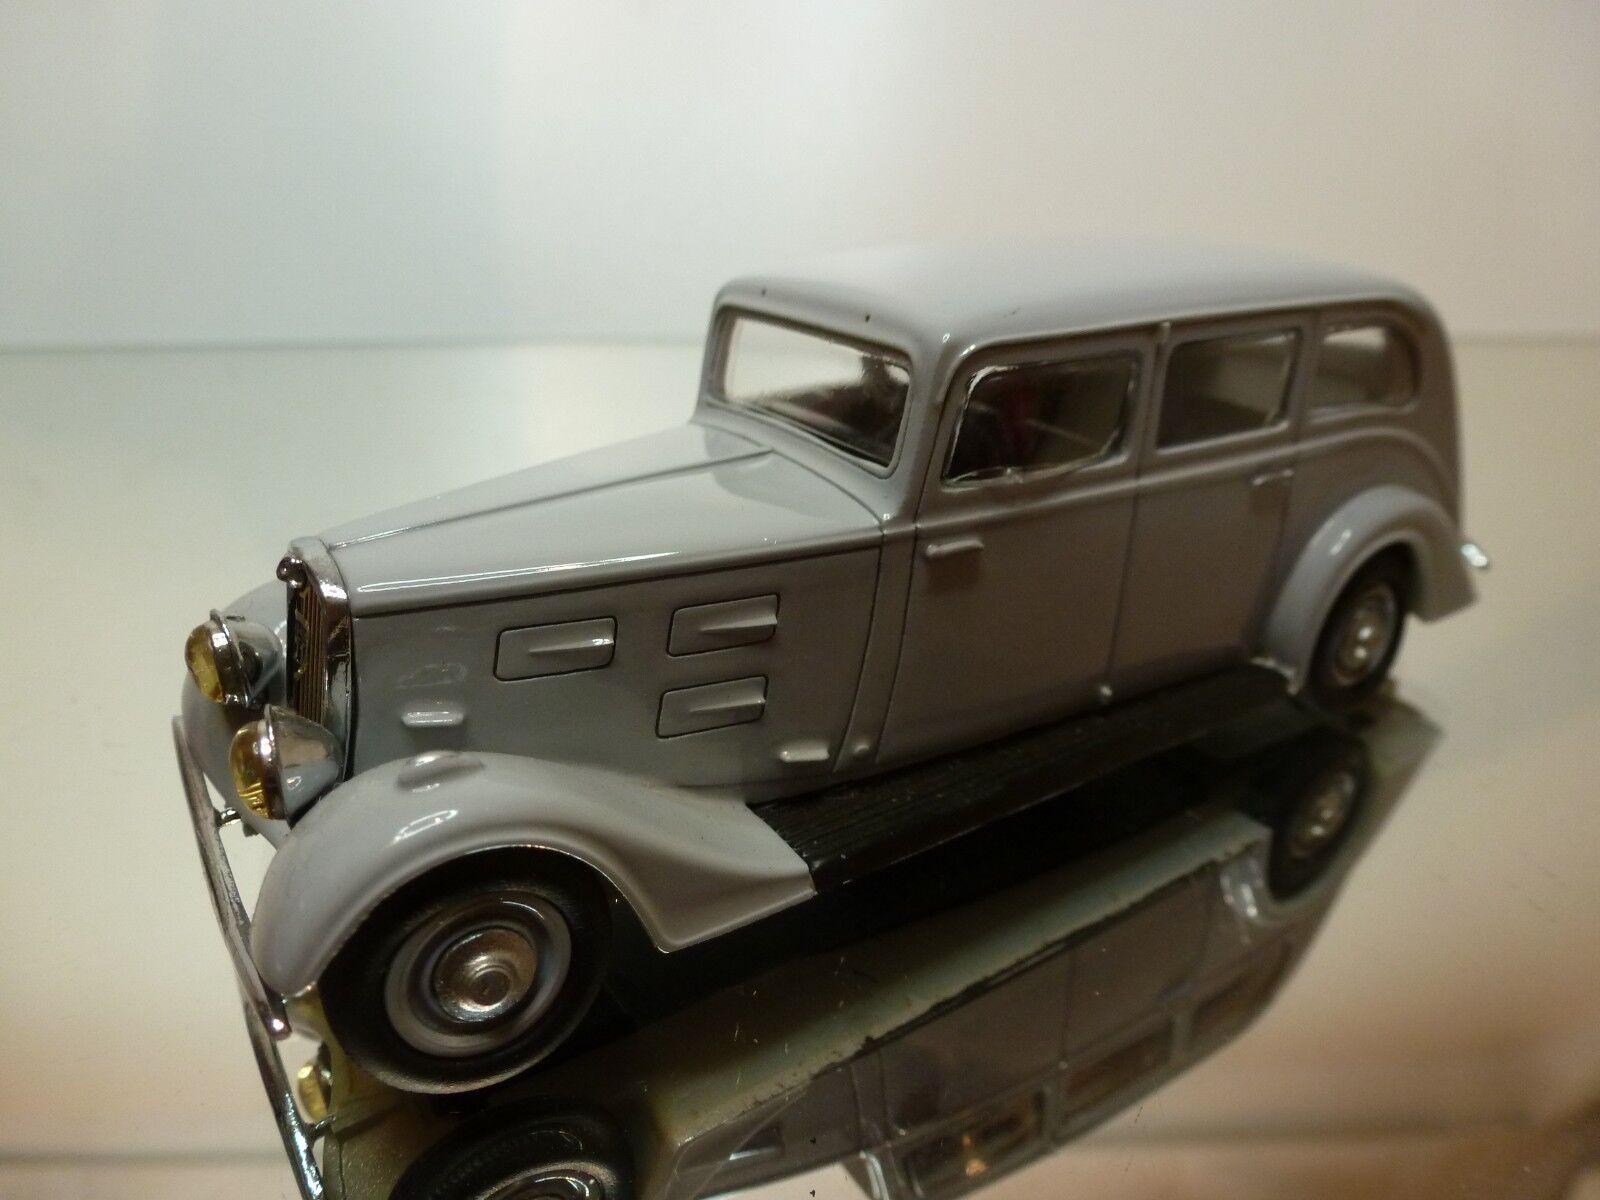 Paradcar 117 peugeot 601 1934 familiale - grau 1 43 guten zustand - 17   16.